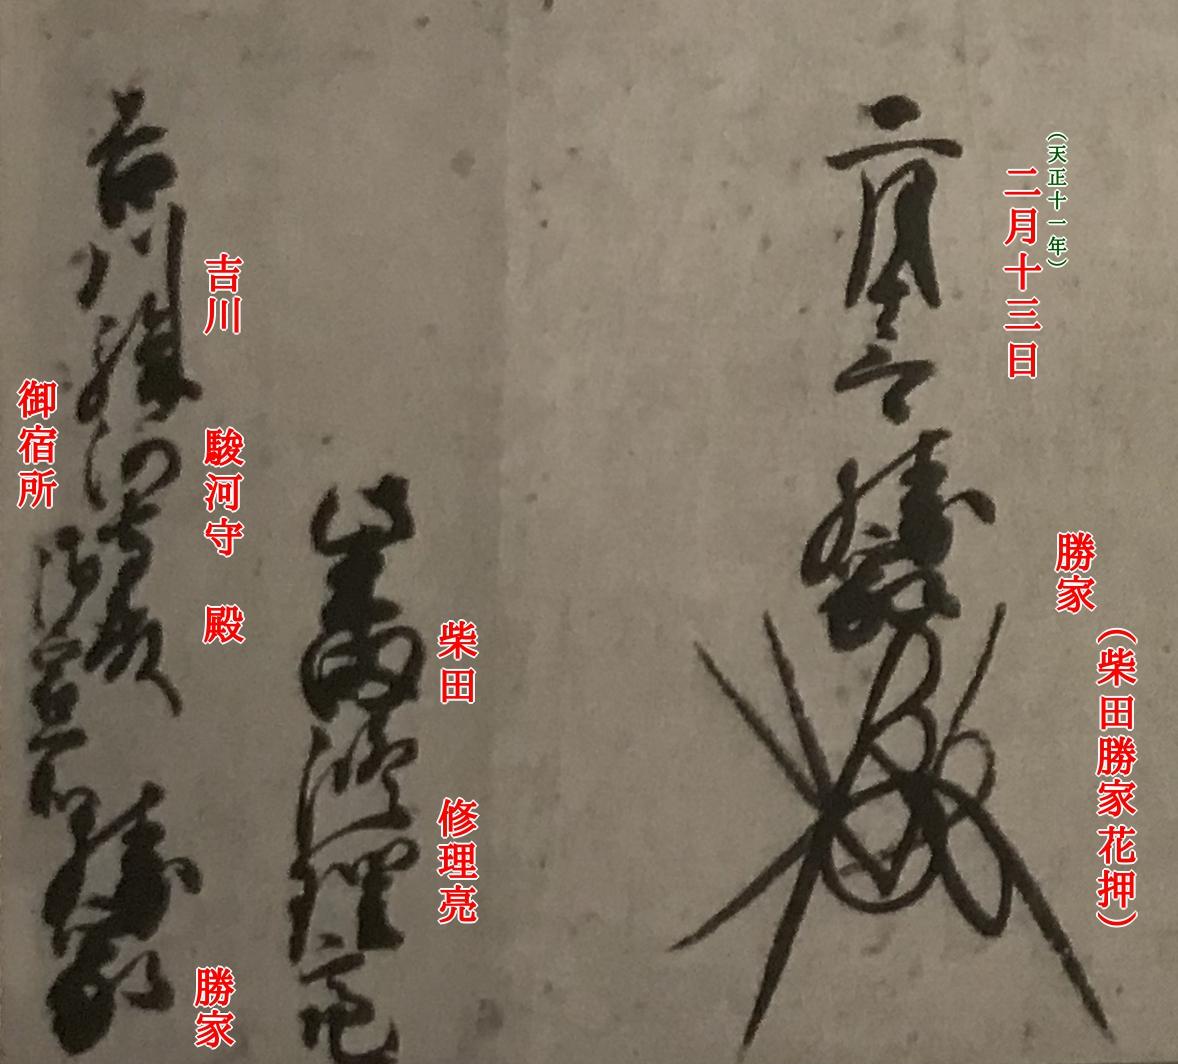 脇付の例(二月十三日付柴田勝家書状)